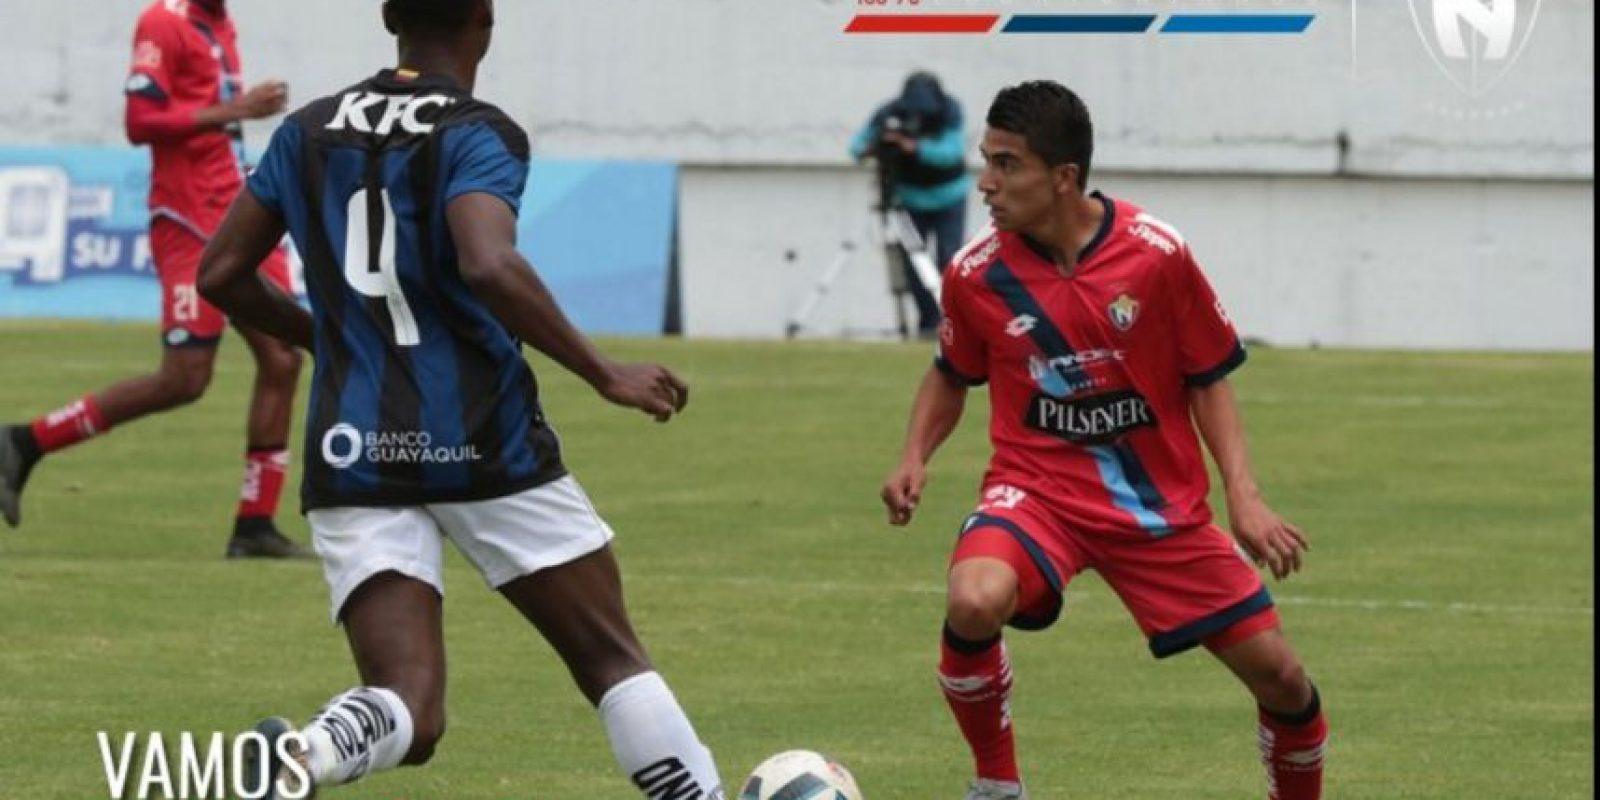 Independiente del Valle está en la atención del mundo futbolístico por la final de la Libertadores Foto:Twitter El Nacional